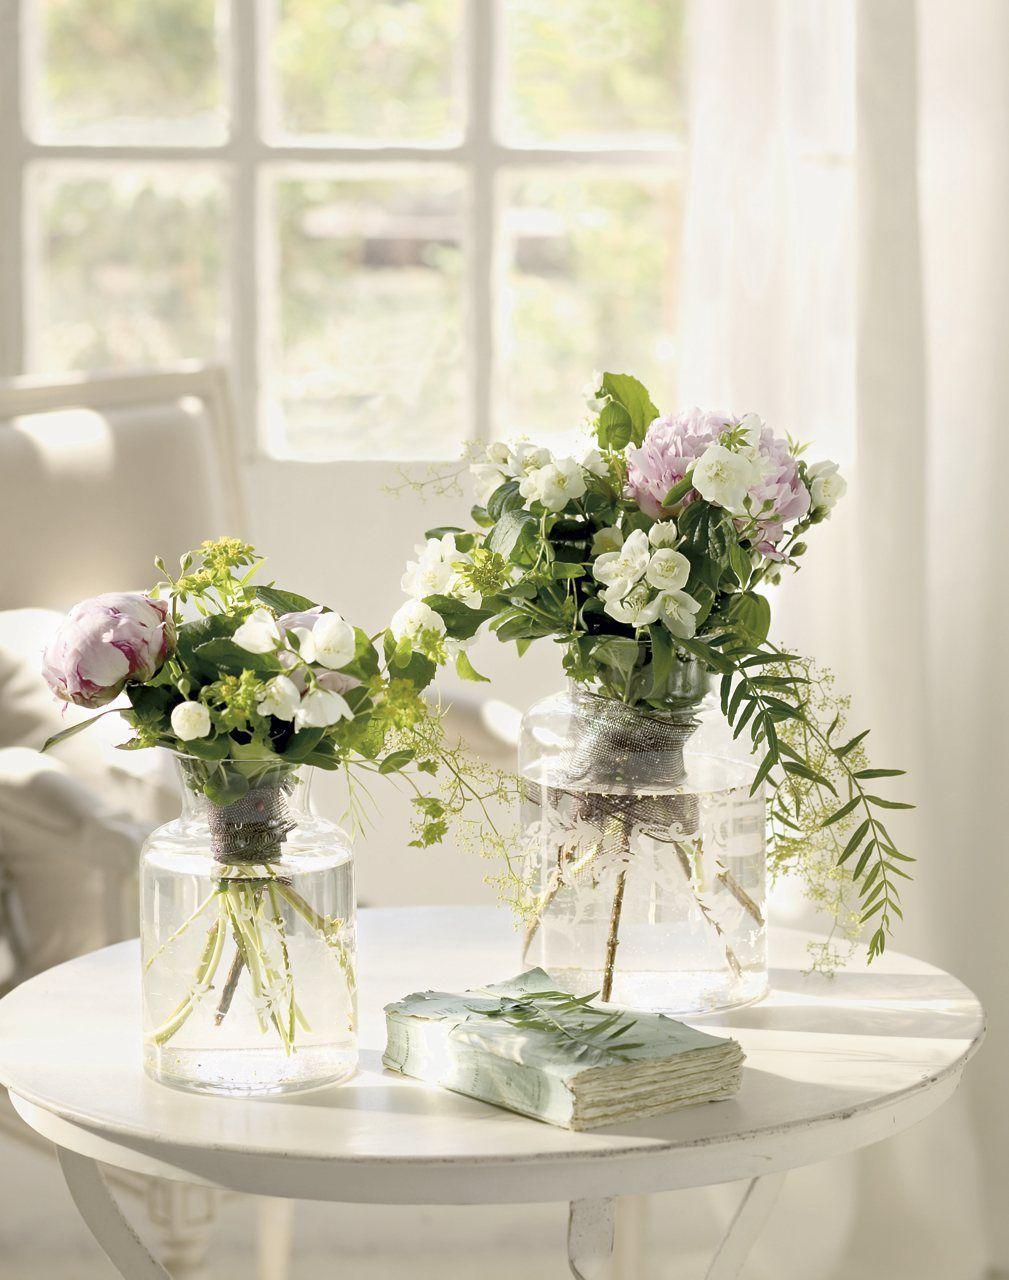 jarrones deslumbrantes los de cristal tallado puedes lavarlos con agua jabonosa y a continuacin